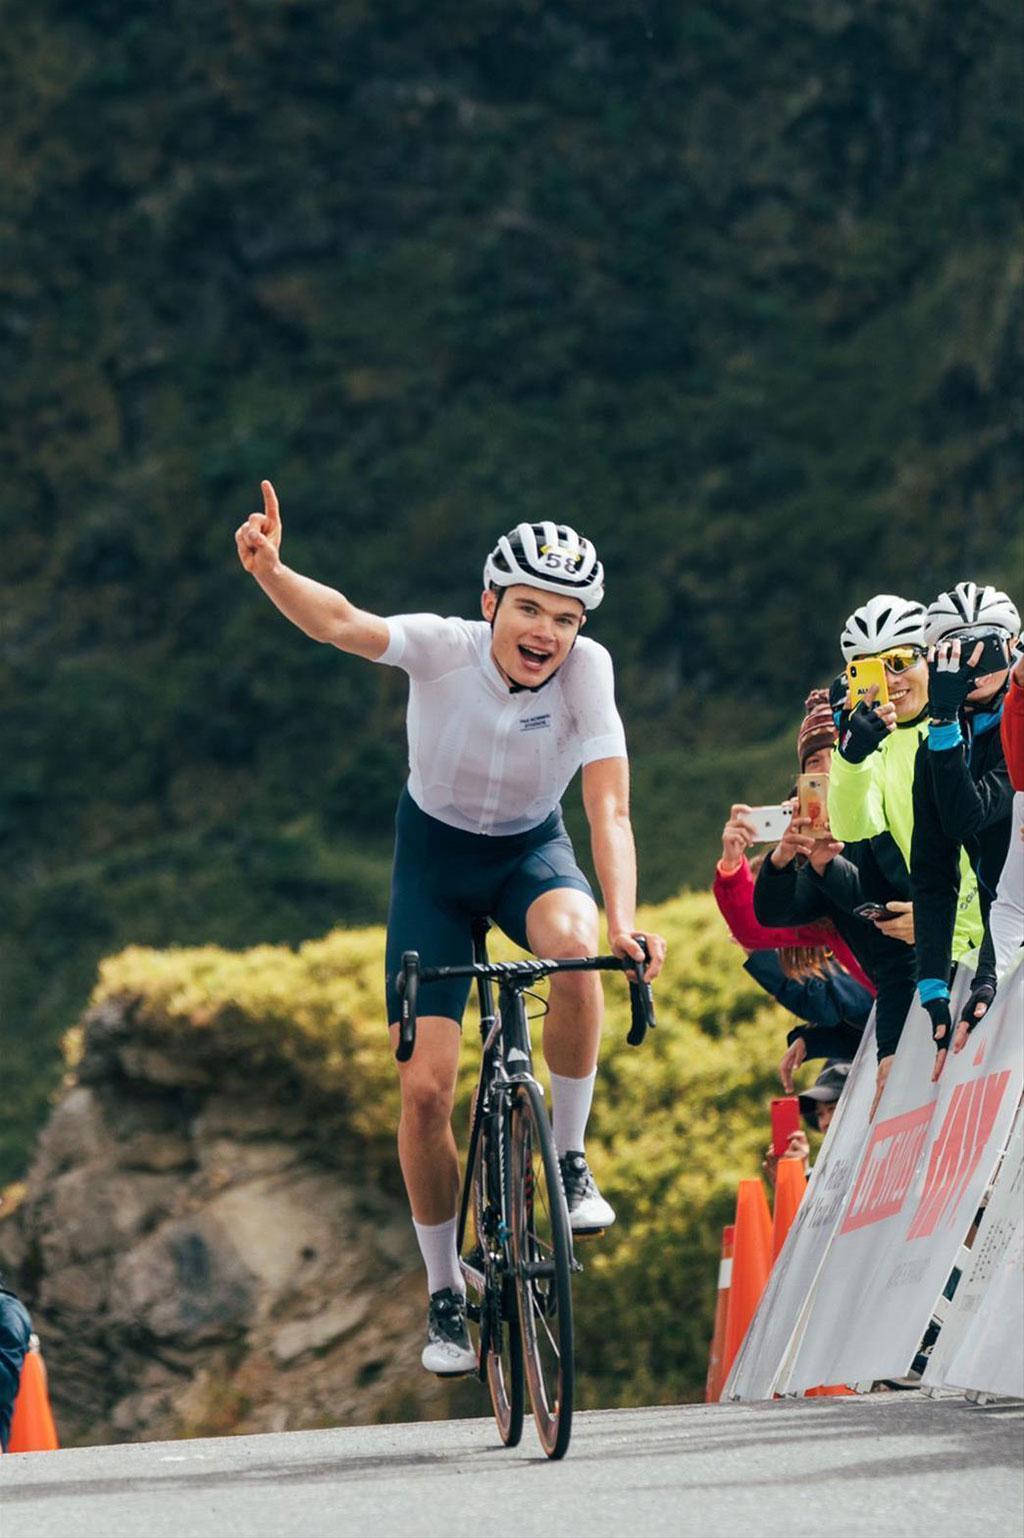 剛在東進武嶺賽事中奪得冠軍的丹麥選手Anthon Charmig,因跨坐他人墳墓引來熱議。(翻攝觀光局網站)